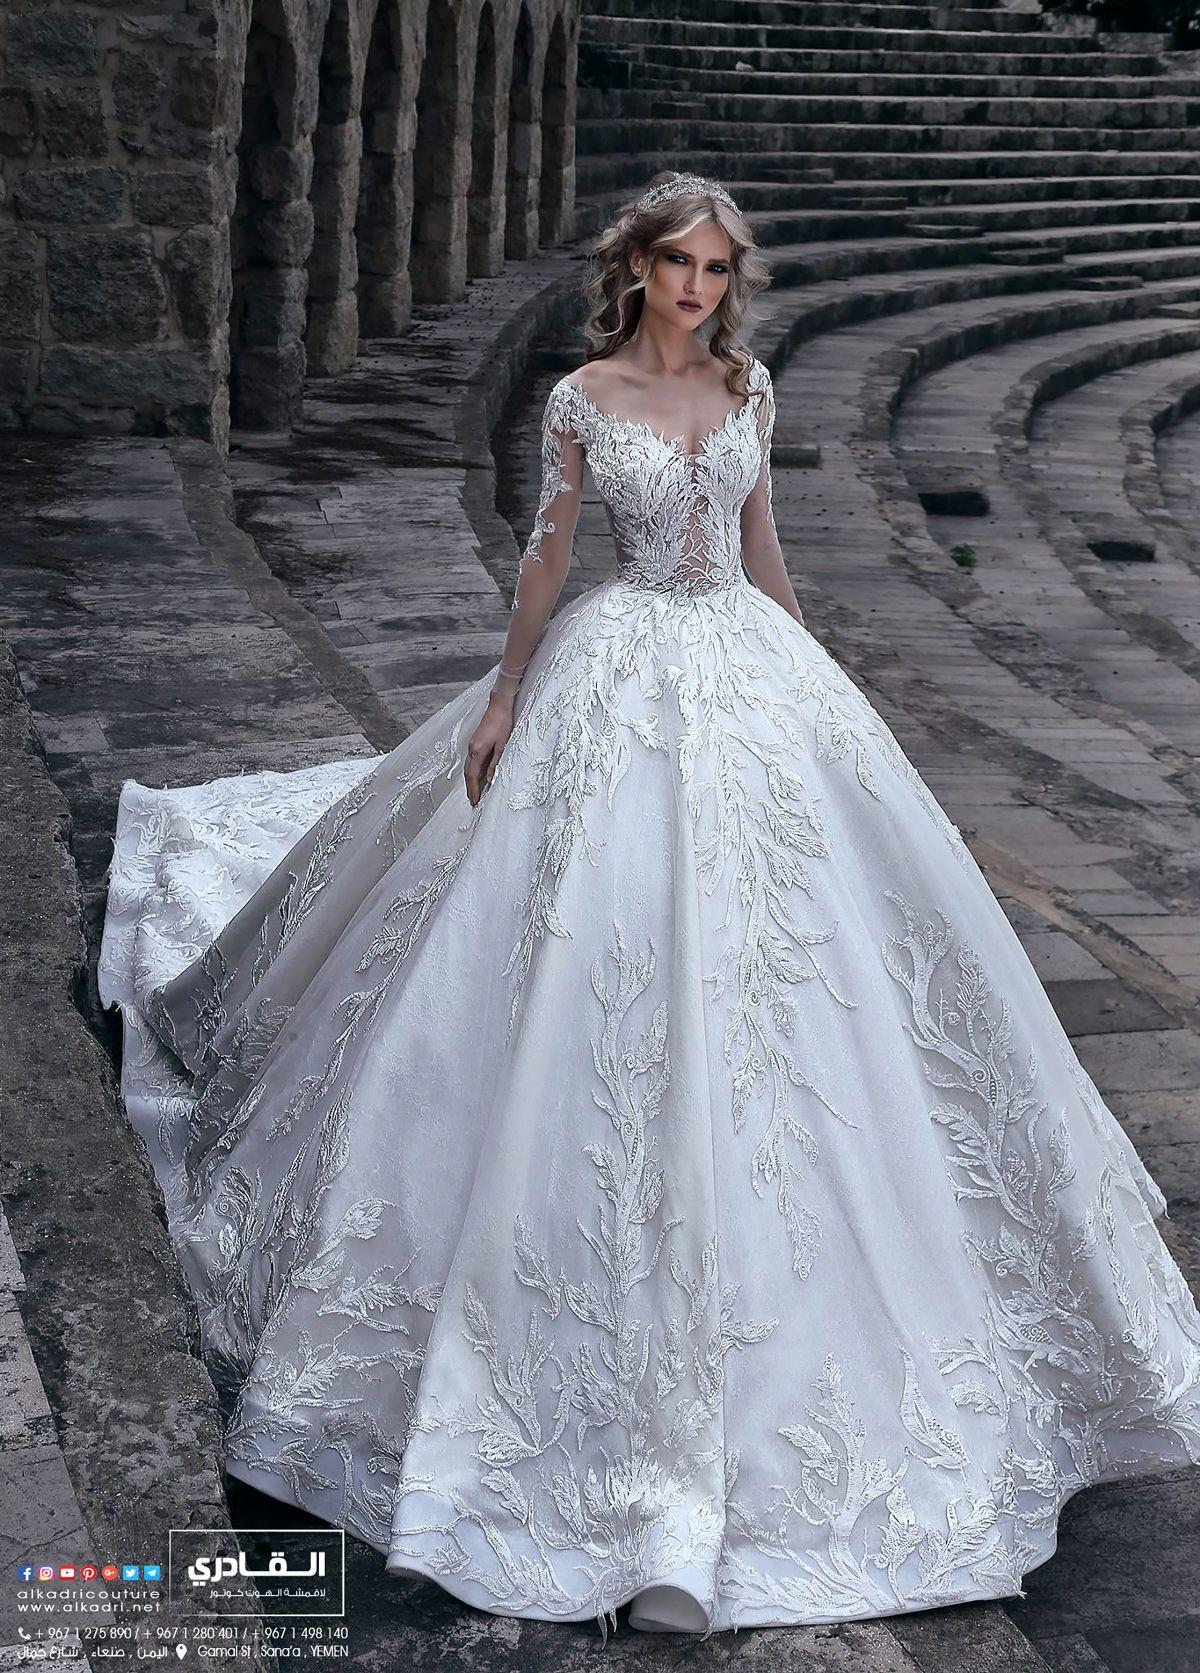 يمكنكم متابعتنا على مواقع التواصل الاجتماعي التالية Facebook Https Www Facebook Com Al Ball Gown Wedding Dress Ball Gowns Wedding Expensive Wedding Dress